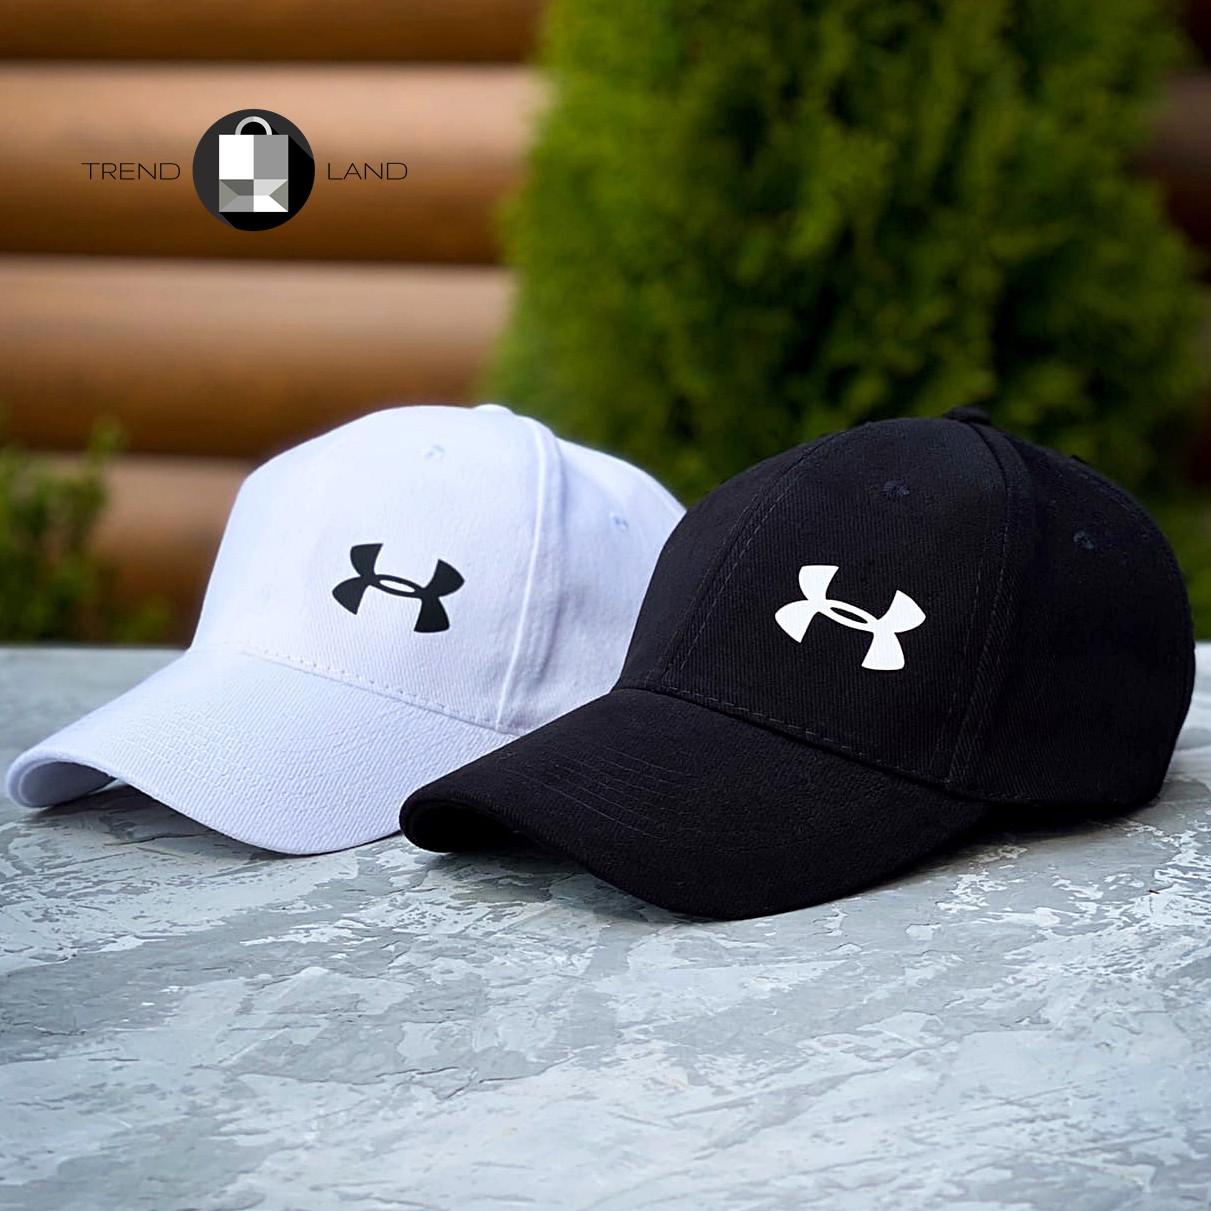 Кепка в стиле Under Armour 2 Black&White 2 цвета в наличии